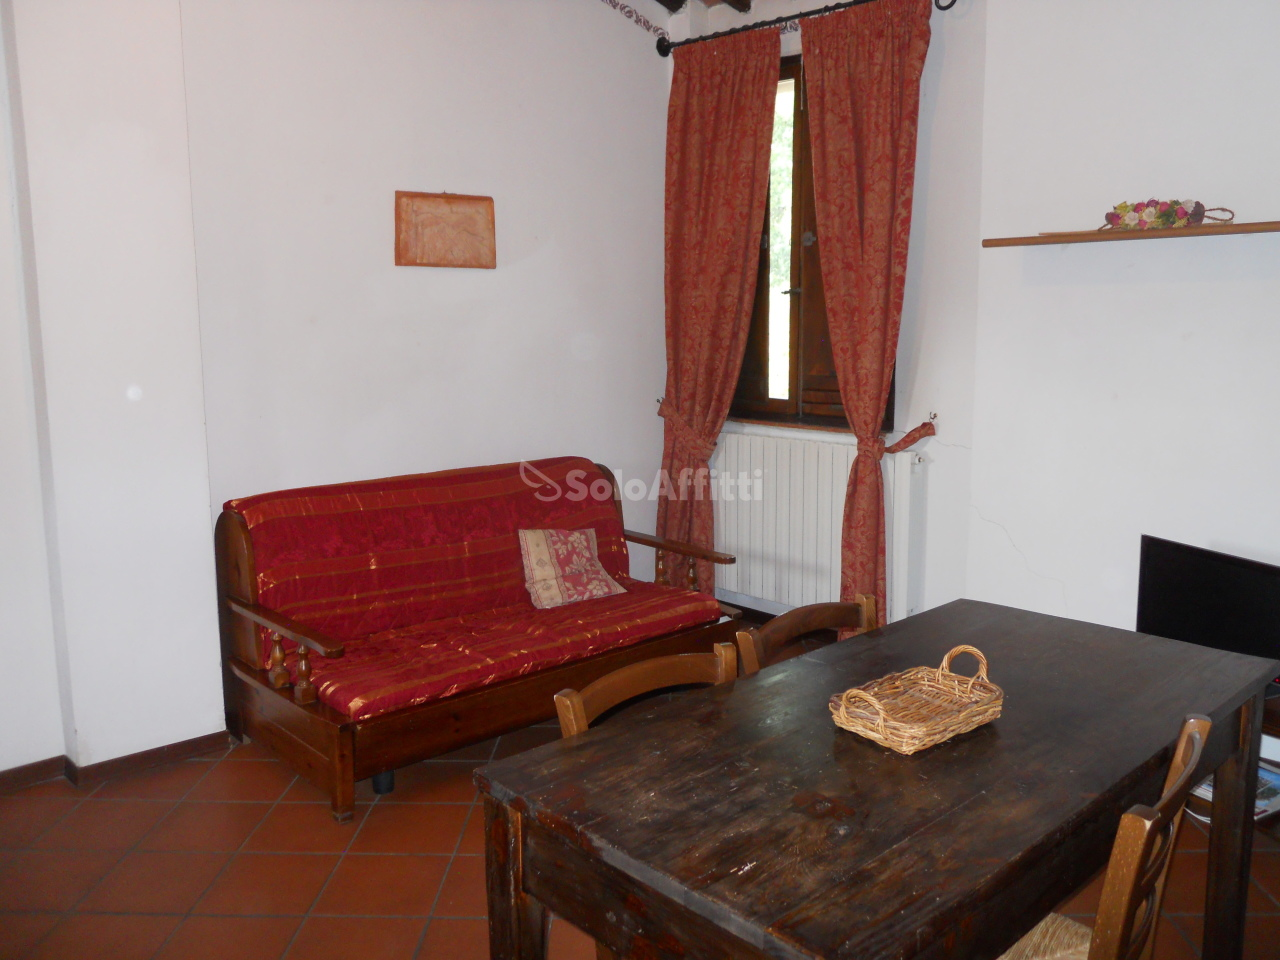 Appartamento - Bilocale a Renaccio, Siena